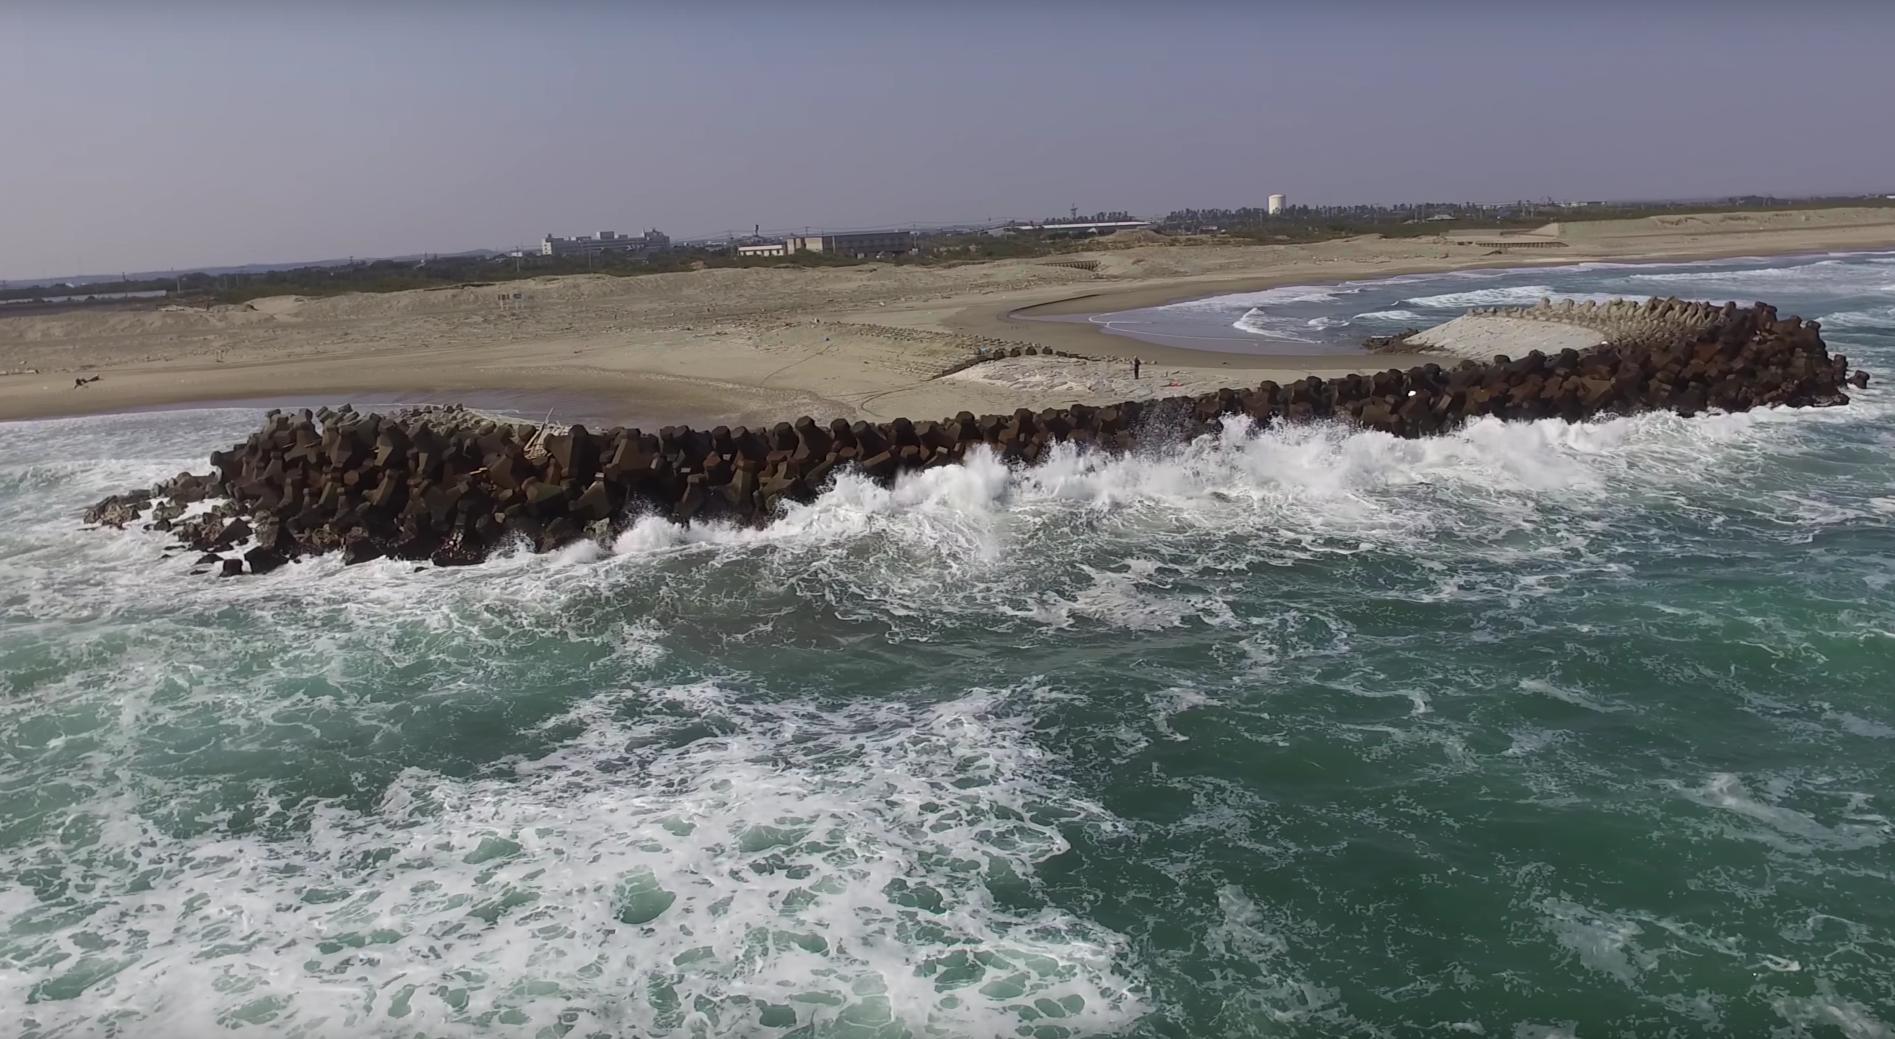 【ドローン 飛ばせる場所】千葉県の海で空撮してきた 許可は必要?